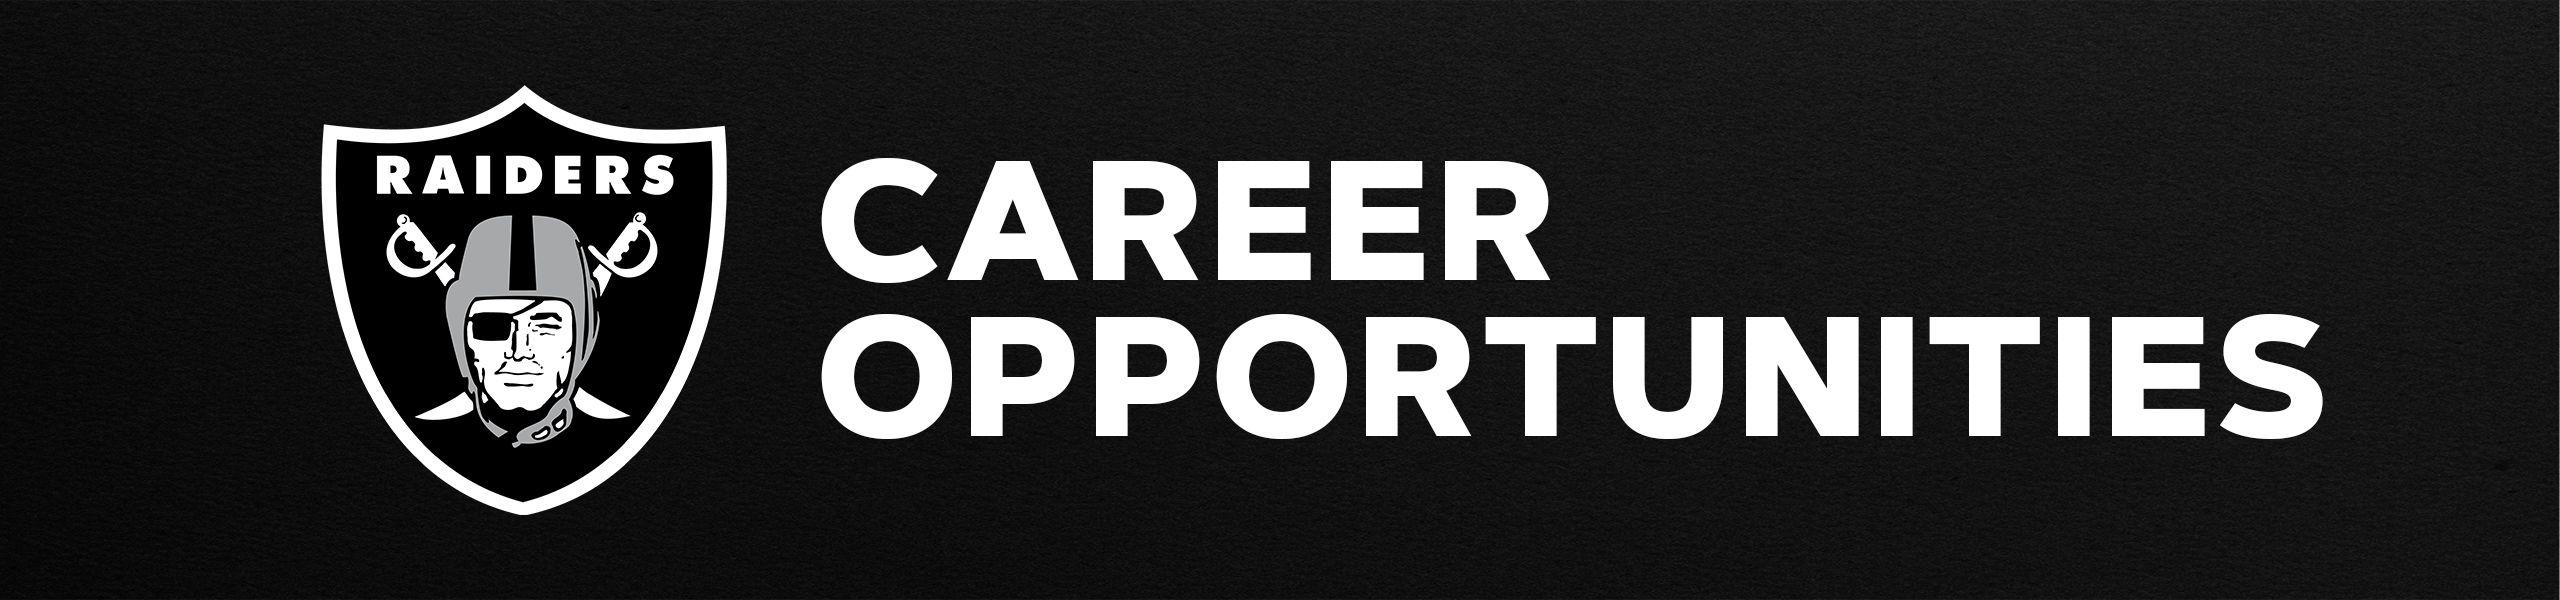 CareerOpportunities_2560x600